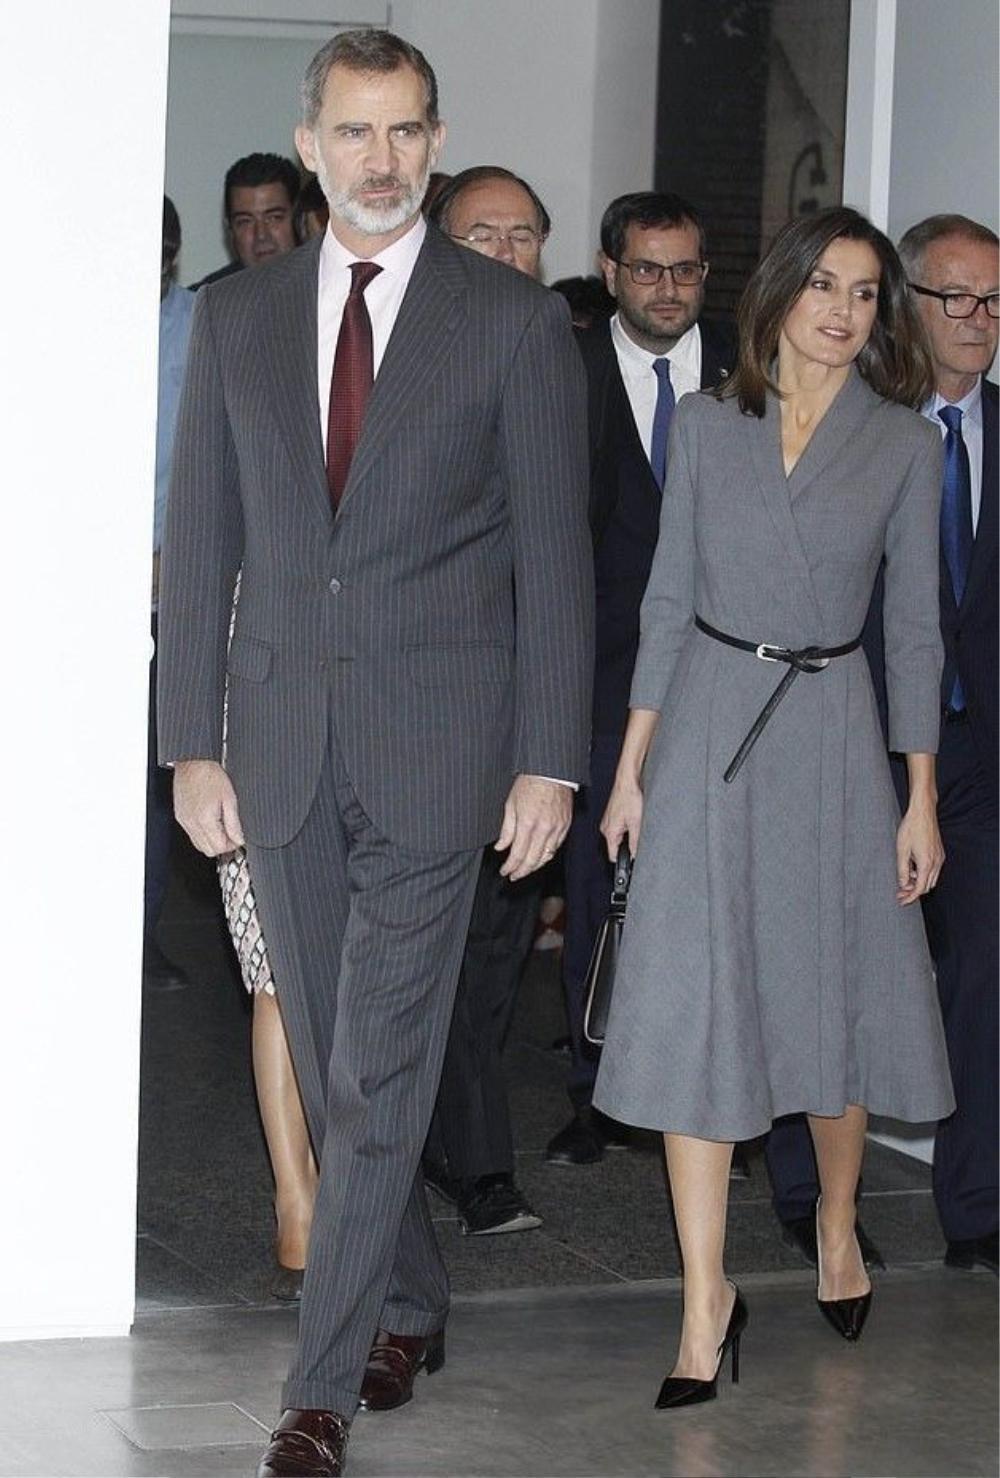 Bí ẩn tủ đồ Hoàng gia: 15 lần phụ nữ Hoàng gia khéo léo sửa lại quần áo cũ để tái sử dụng Ảnh 13